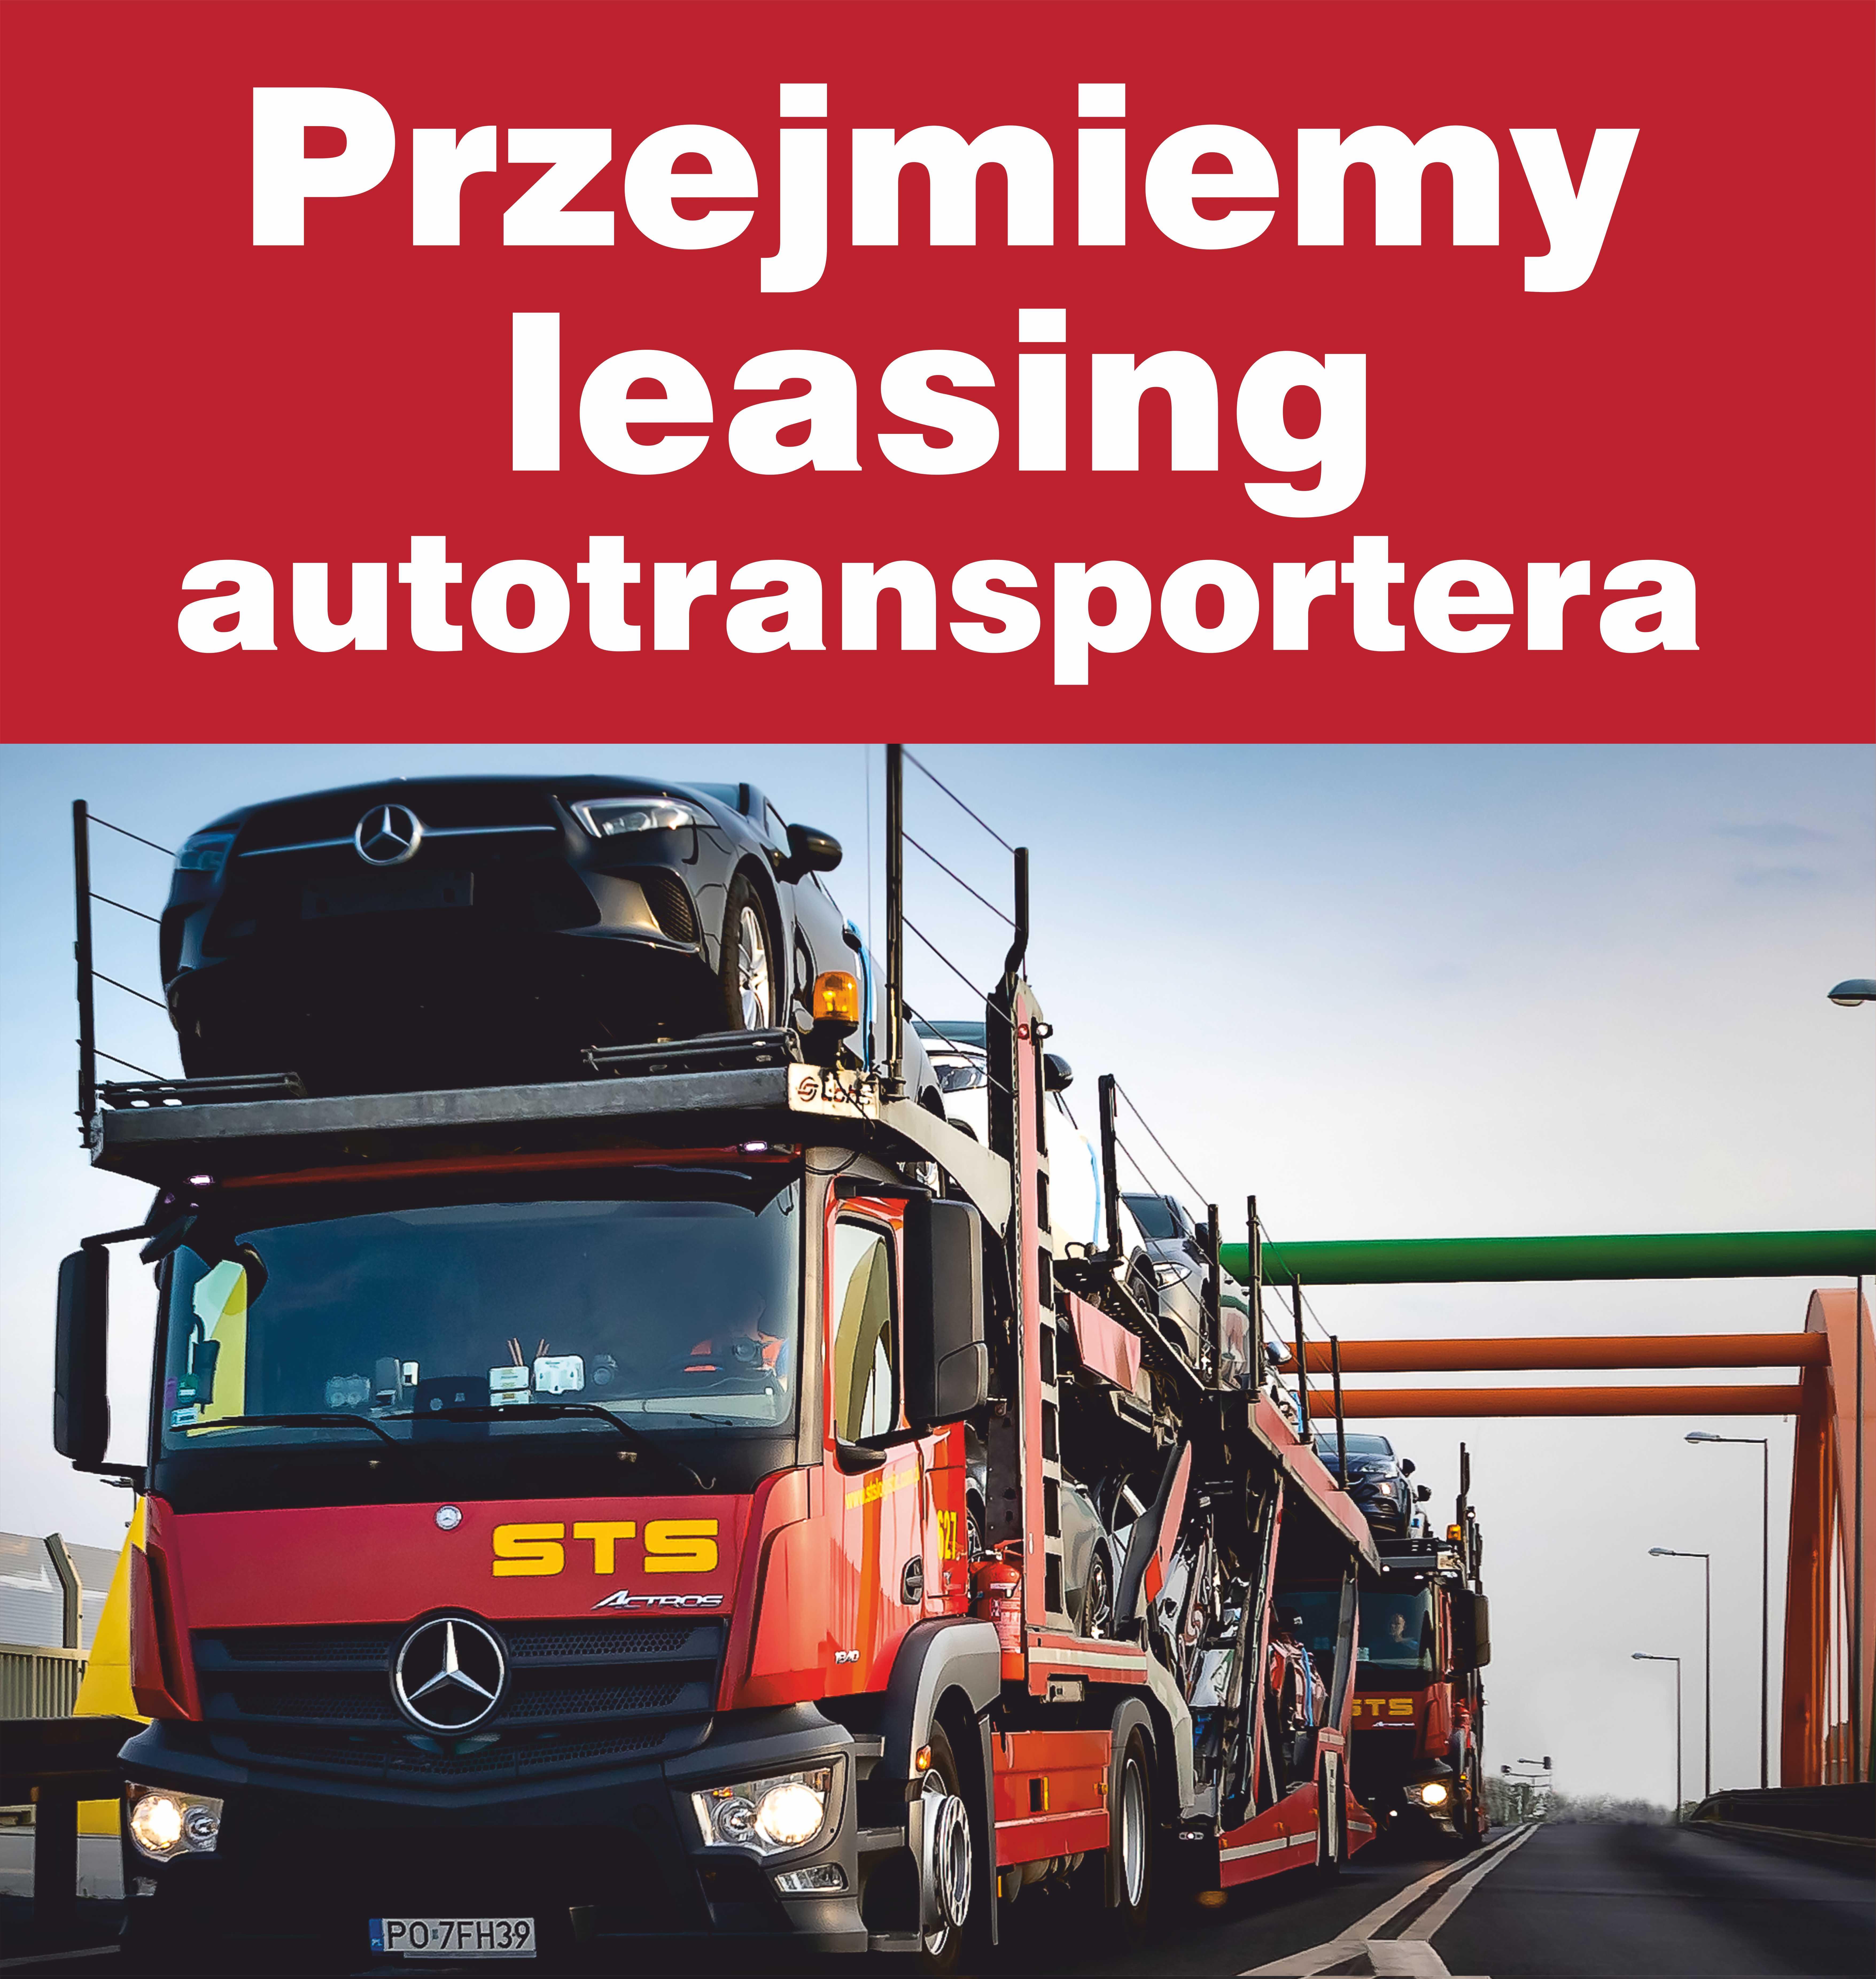 Przejmiemy leasing autotransportera